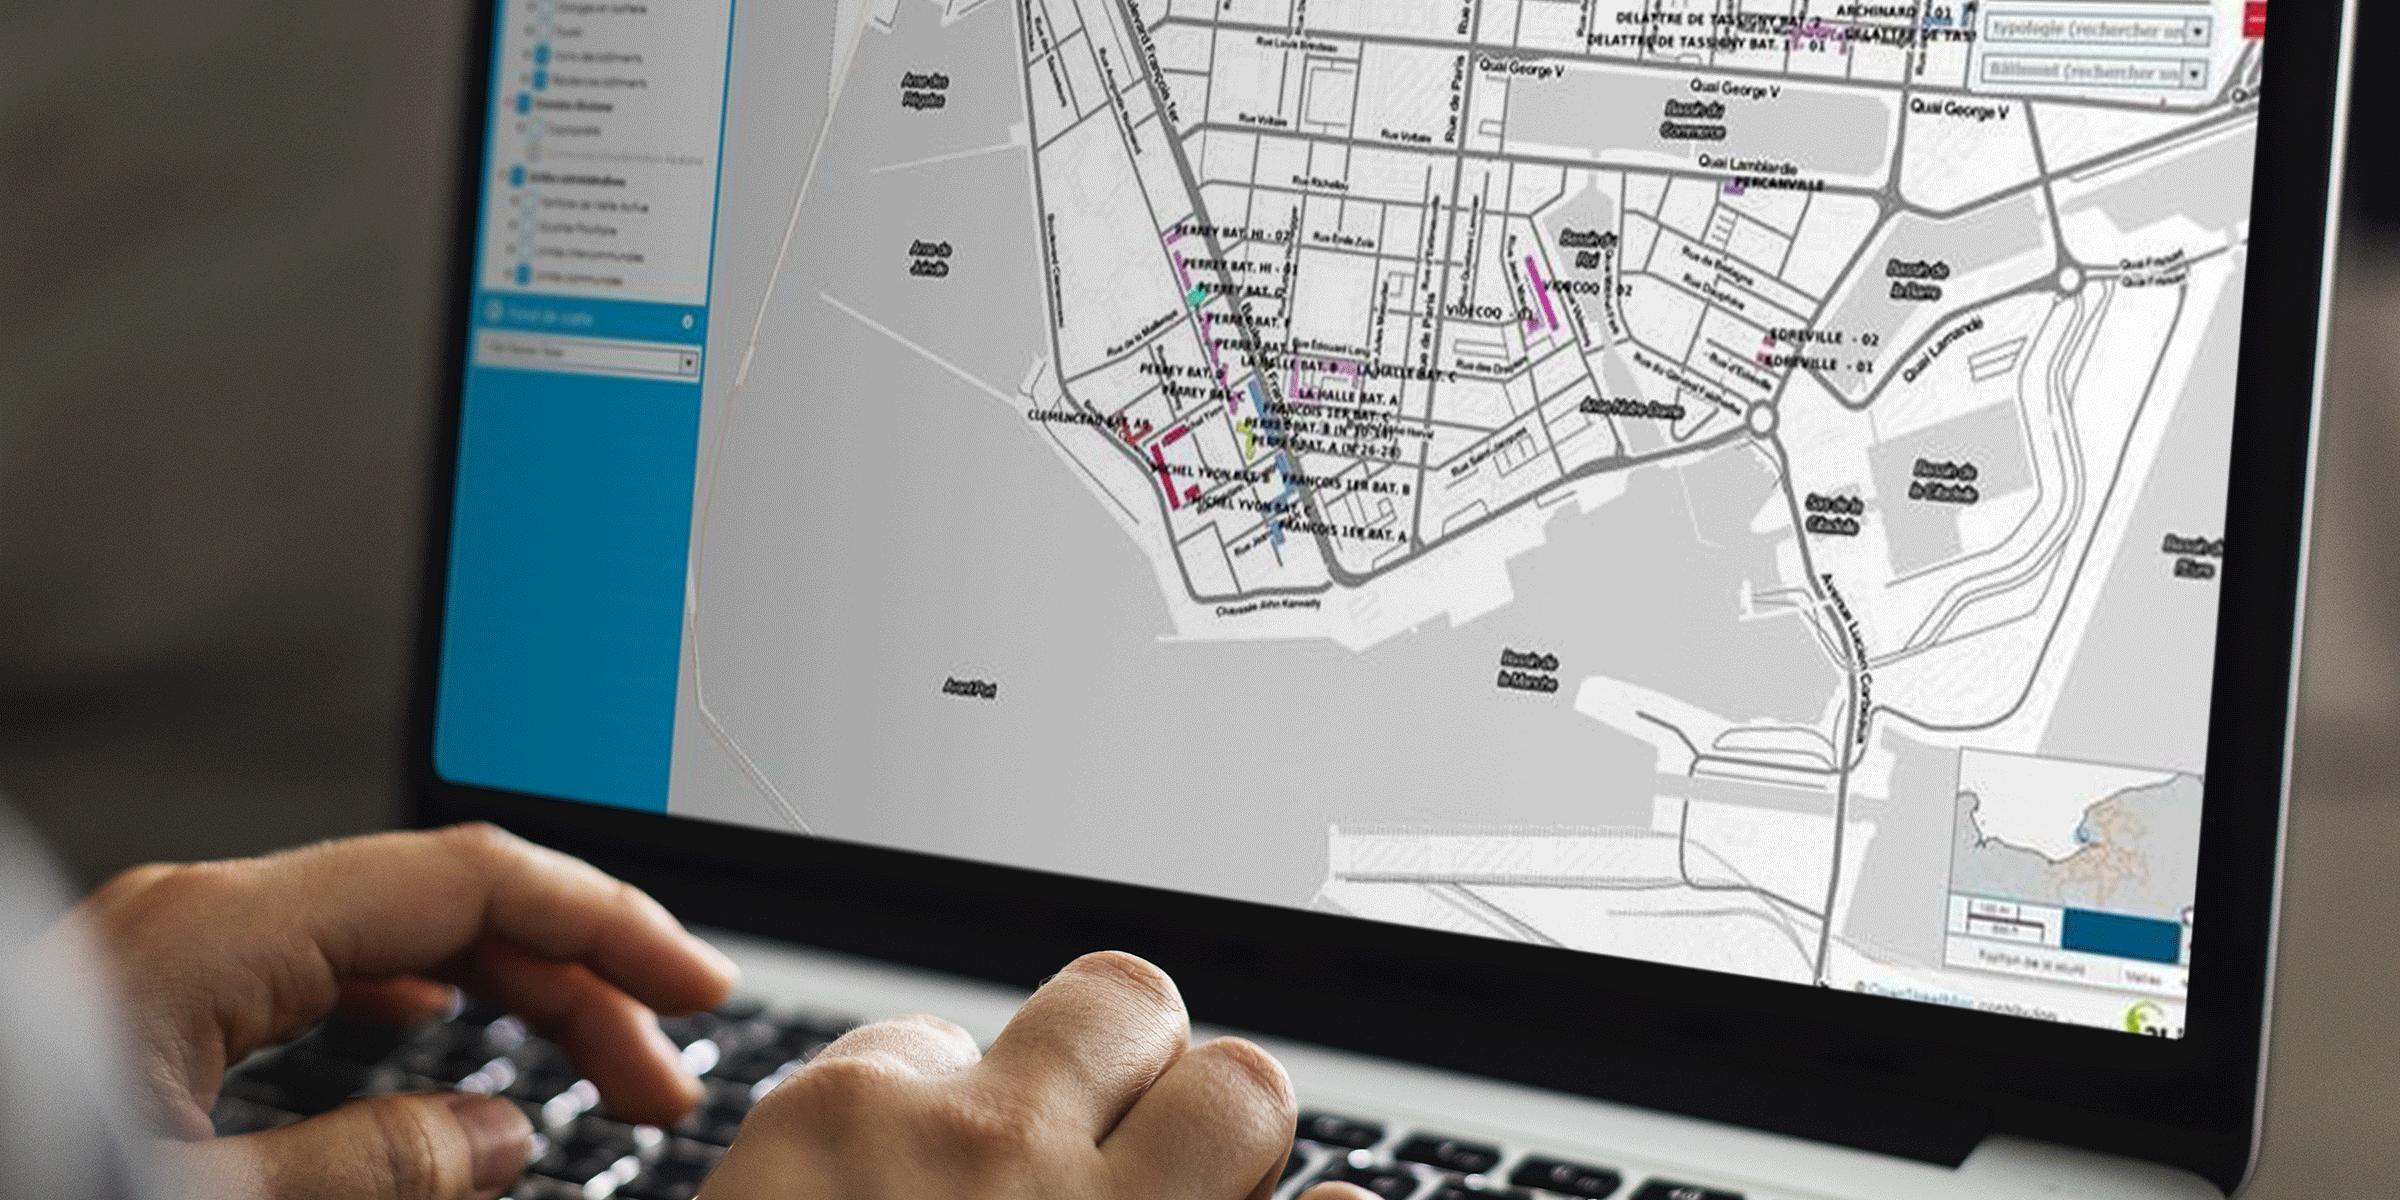 Une carte interactive pour le bailleur social Alceane